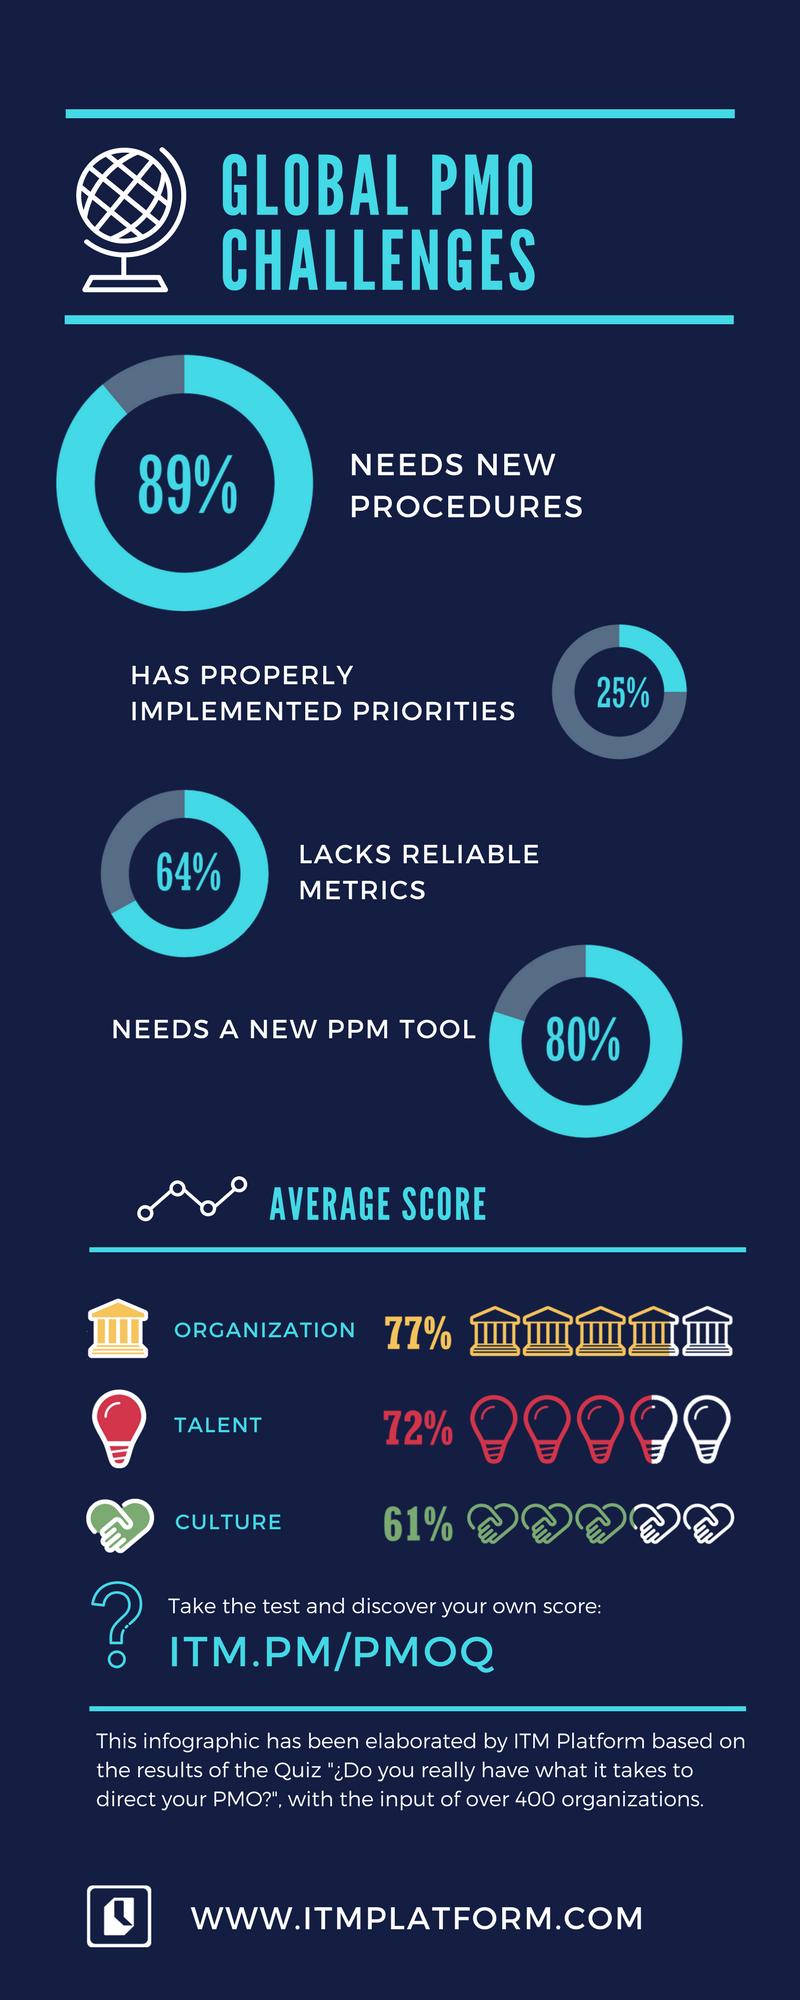 global PMO challenges in porcentages, ITM Platform